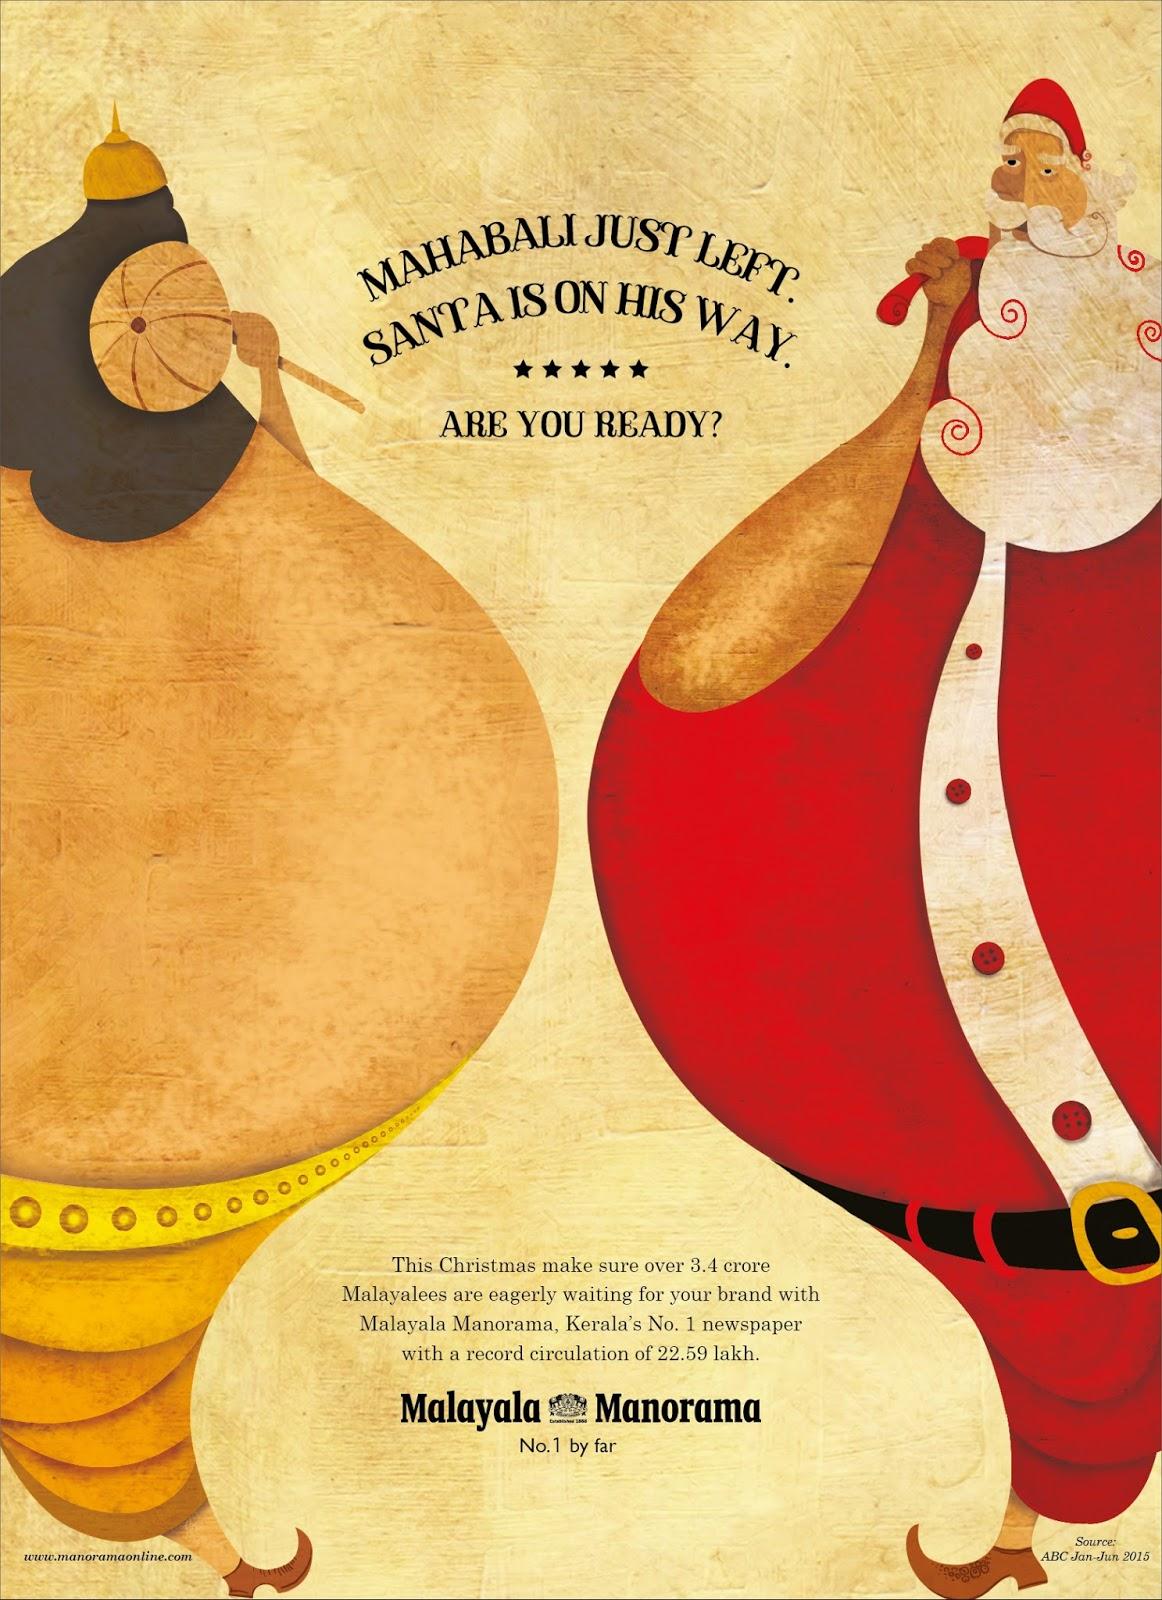 Malayala Manorama | Make Merry 2015 | Merry Christmas 2015 | Stark Communications Pvt Ltd